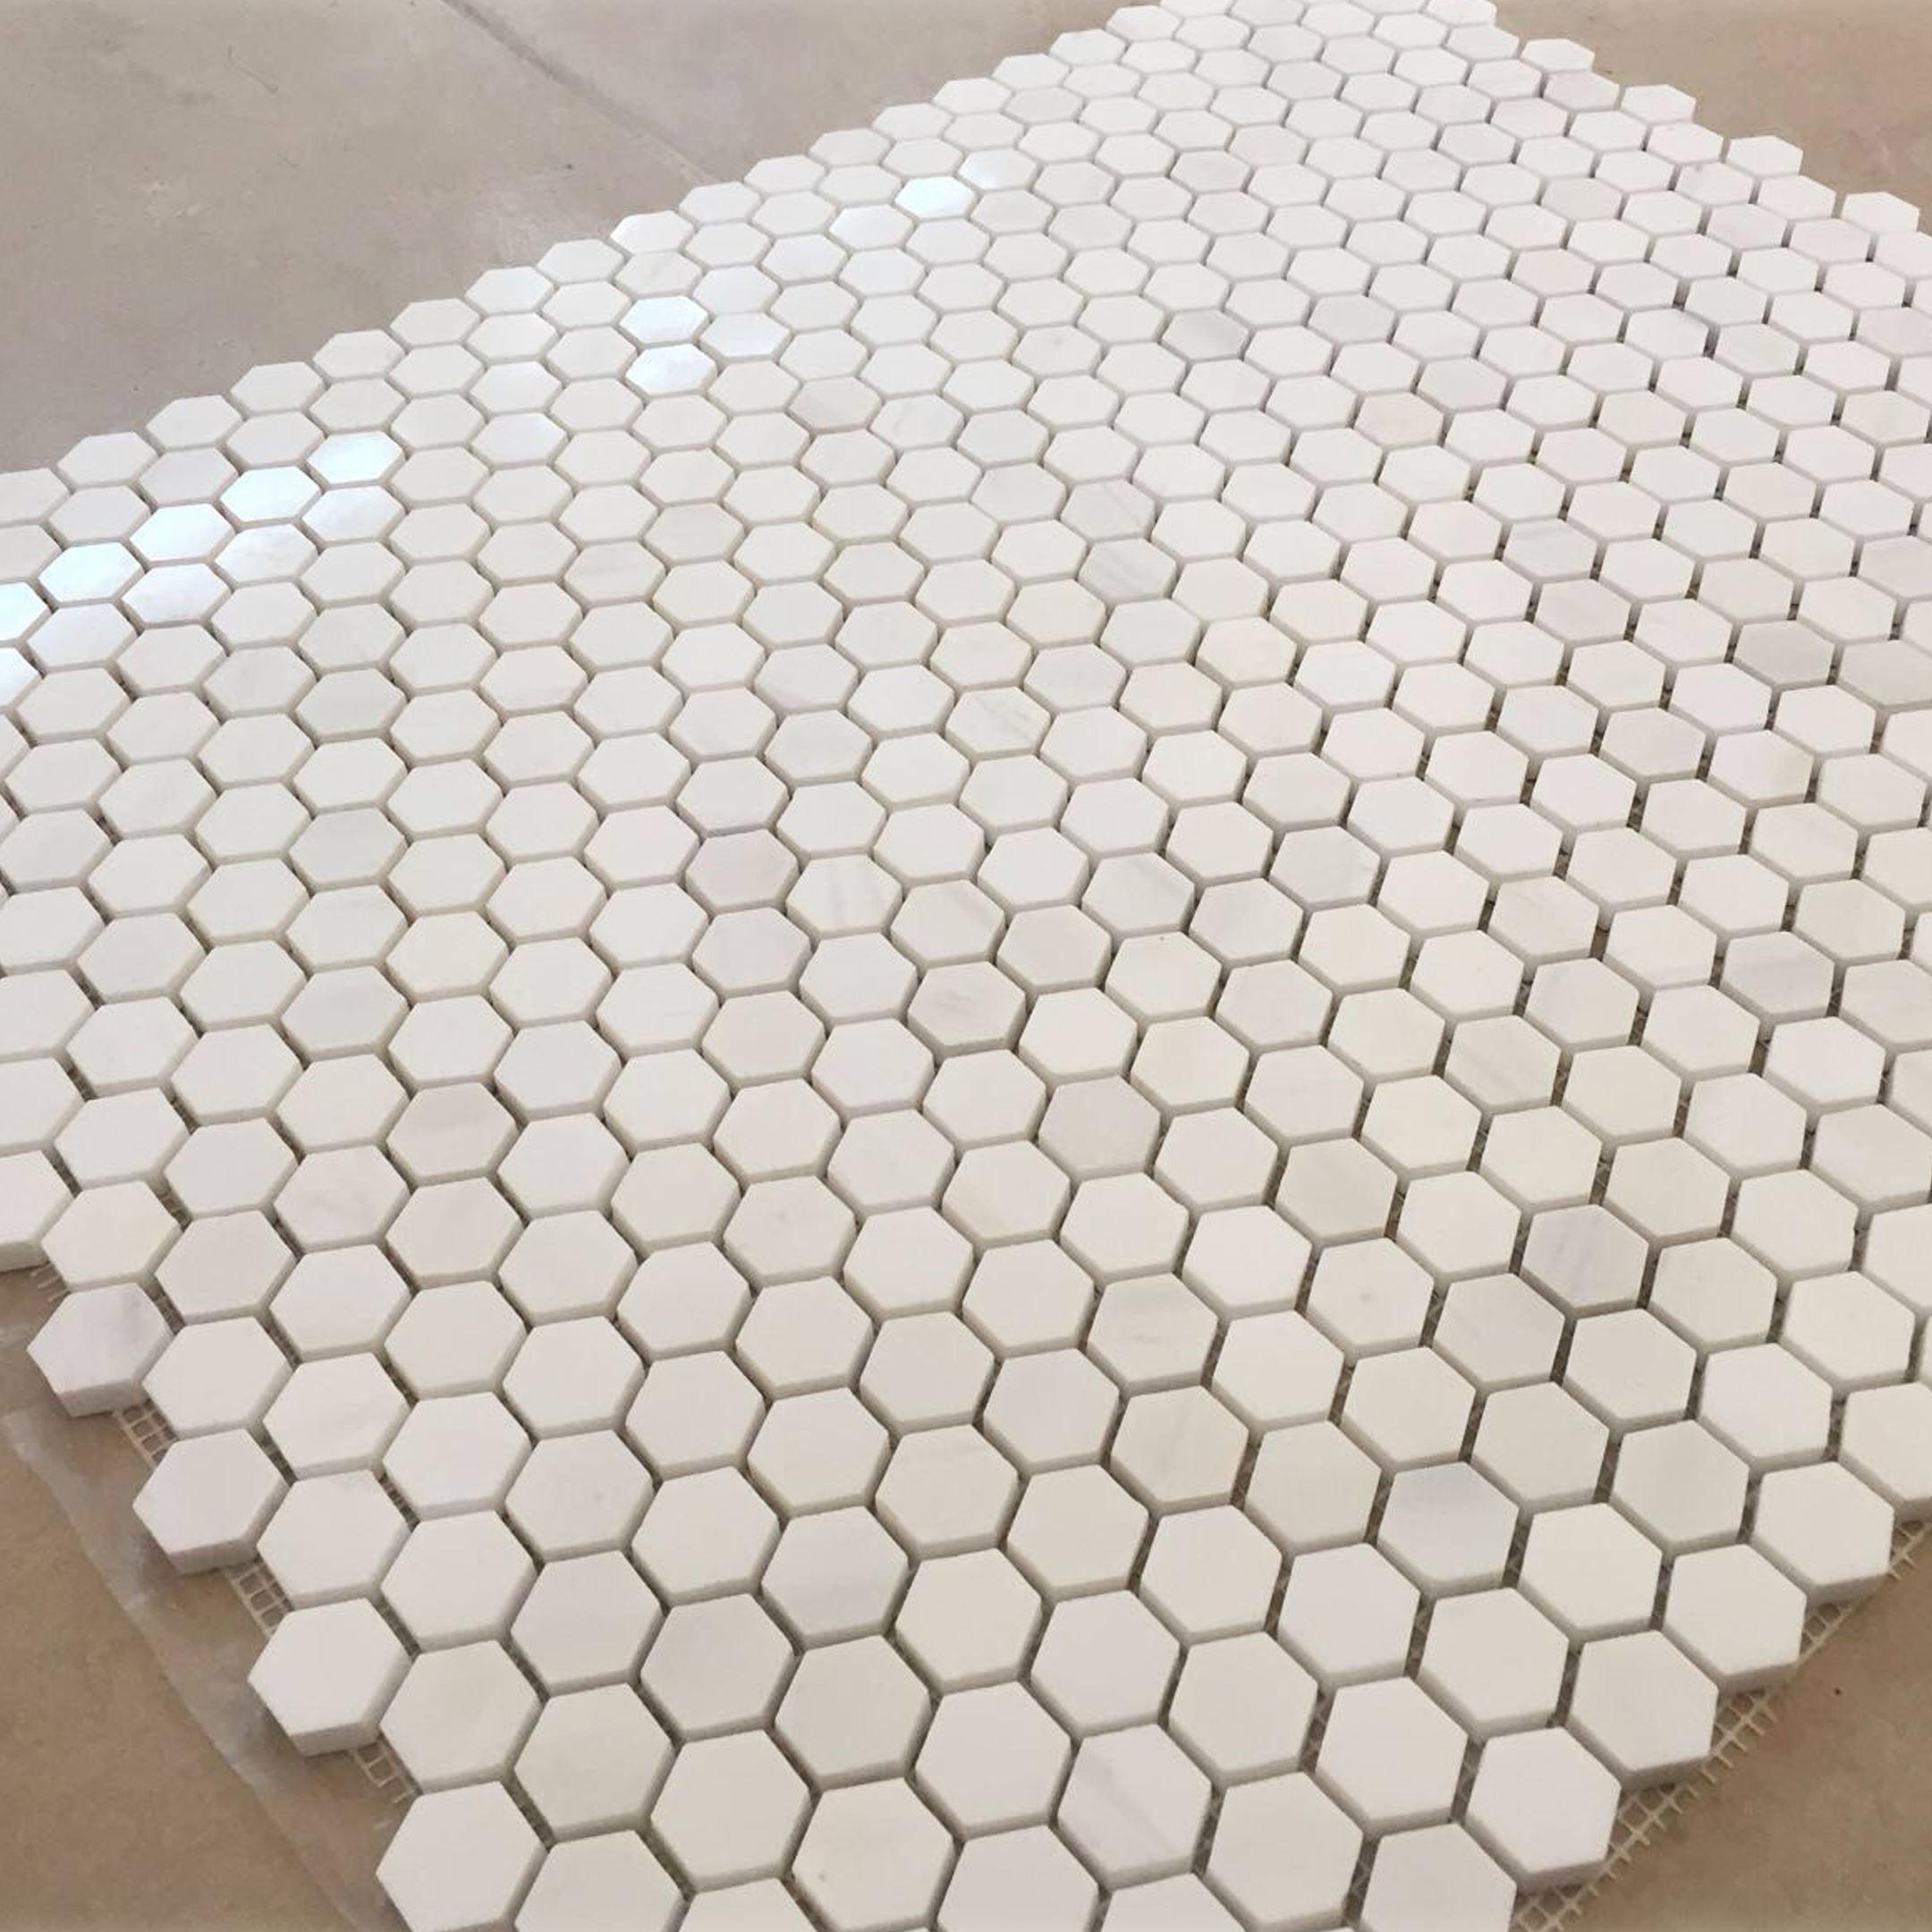 - Turkish Marble Hexagon Mosaic Tile Mesh On Mounted - Buy Hexagon